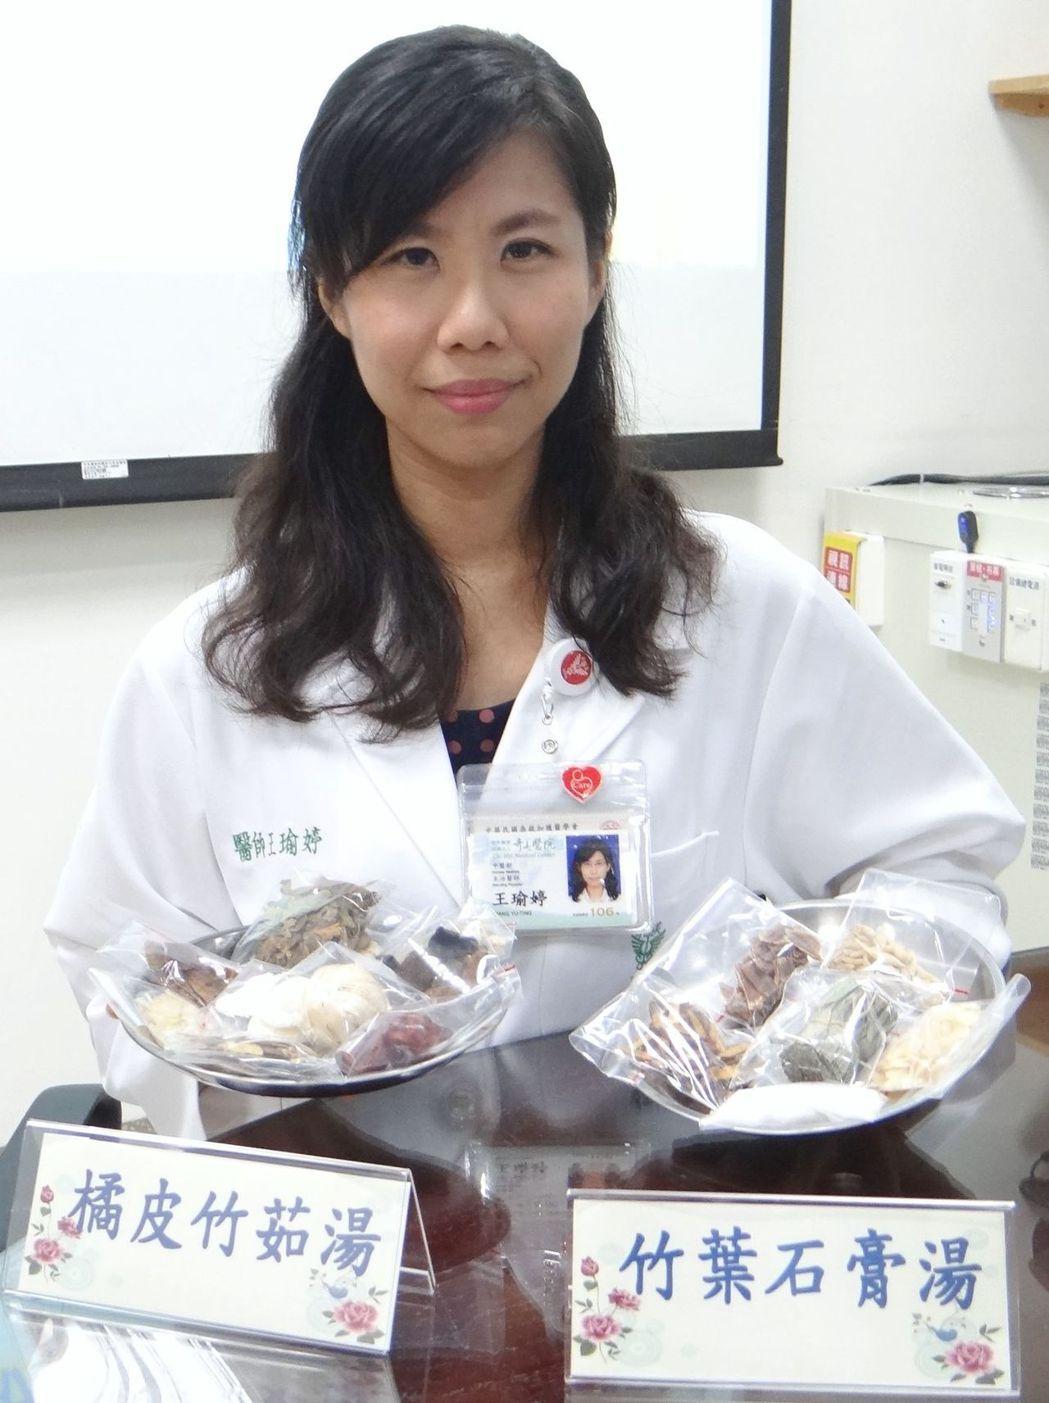 中醫部主治醫師王瑜婷表示,中醫的角色就是幫助病患有足夠的體力,應付生活以及治療。...